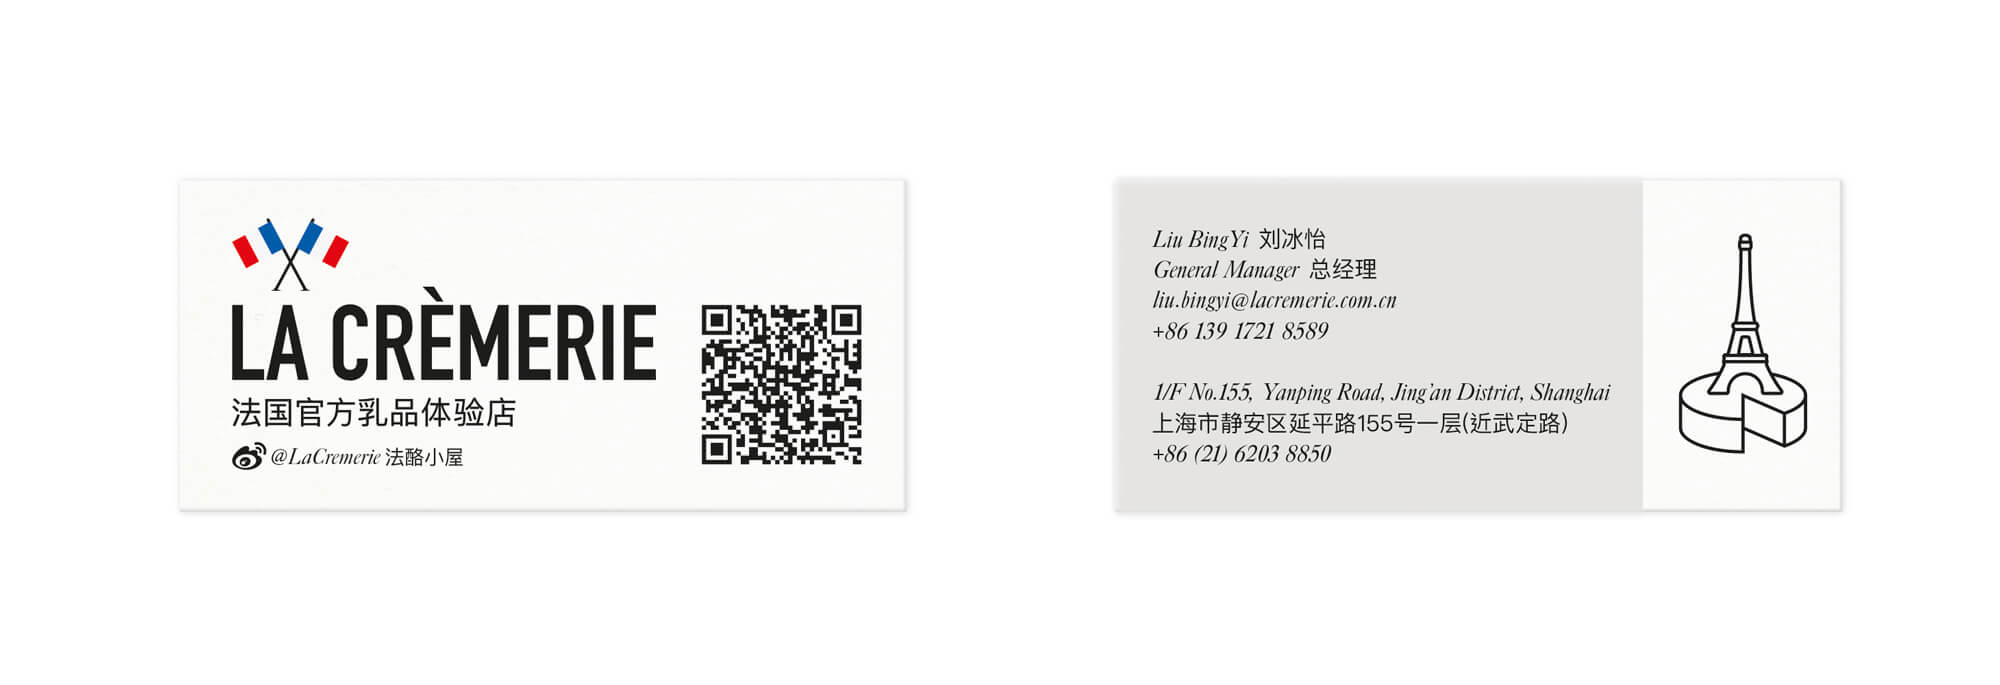 belles cartes de visites corporate pour le flagship des produits laitiers français en Chine, identité visuelle conçue par le studio Ich&Kar